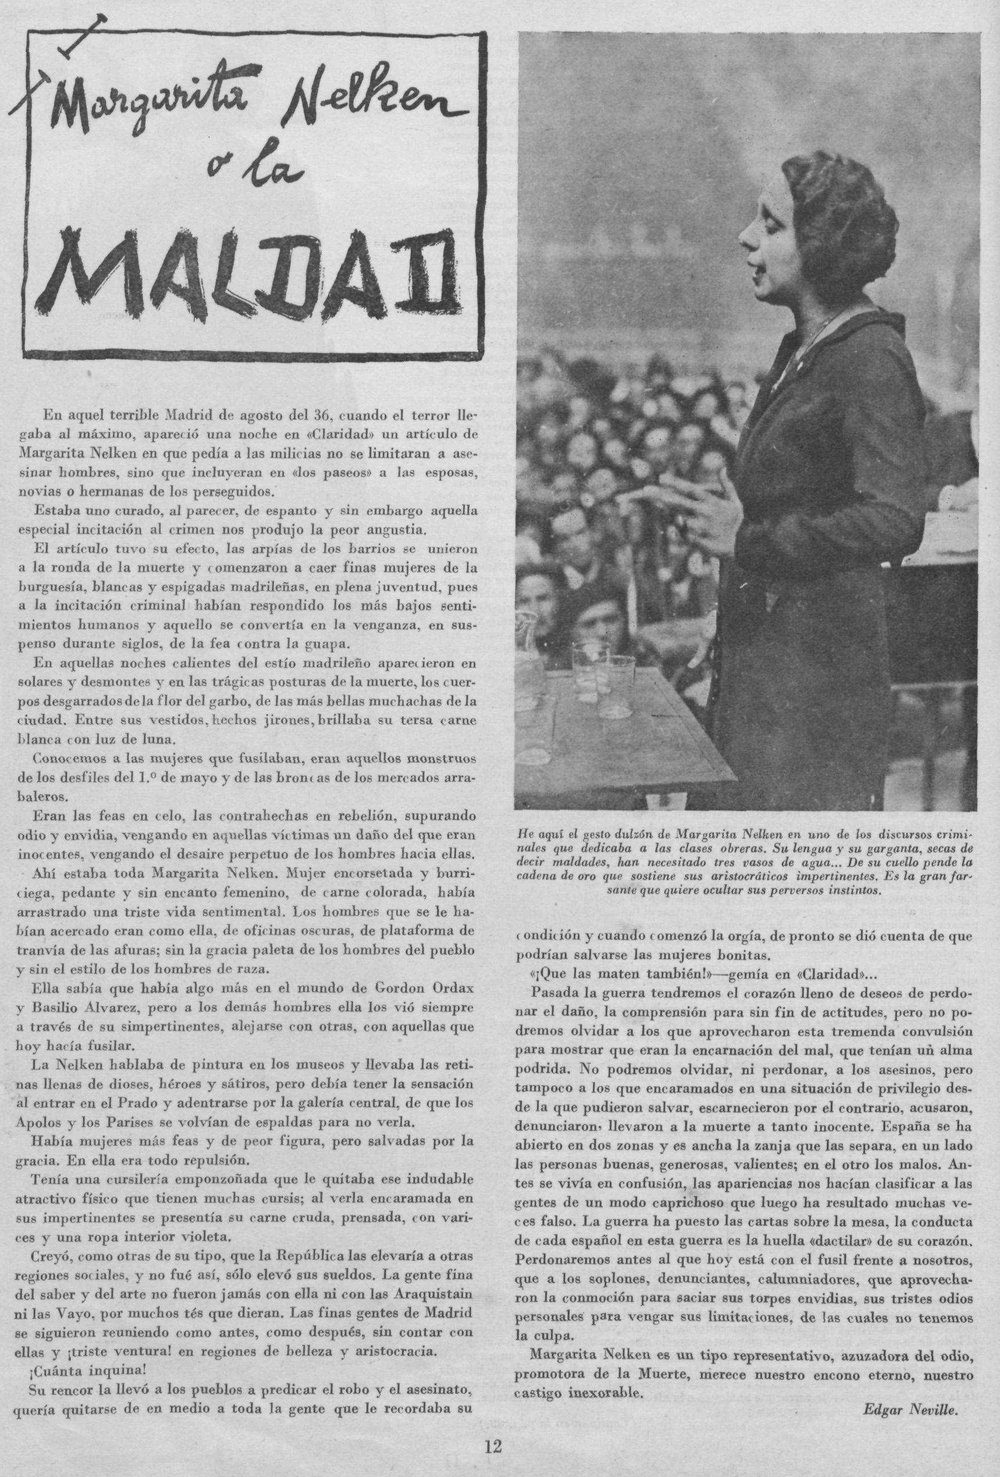 «Margarita Nelken o la maldad», por Edgar Neville ( Y , septiembre de 1938)